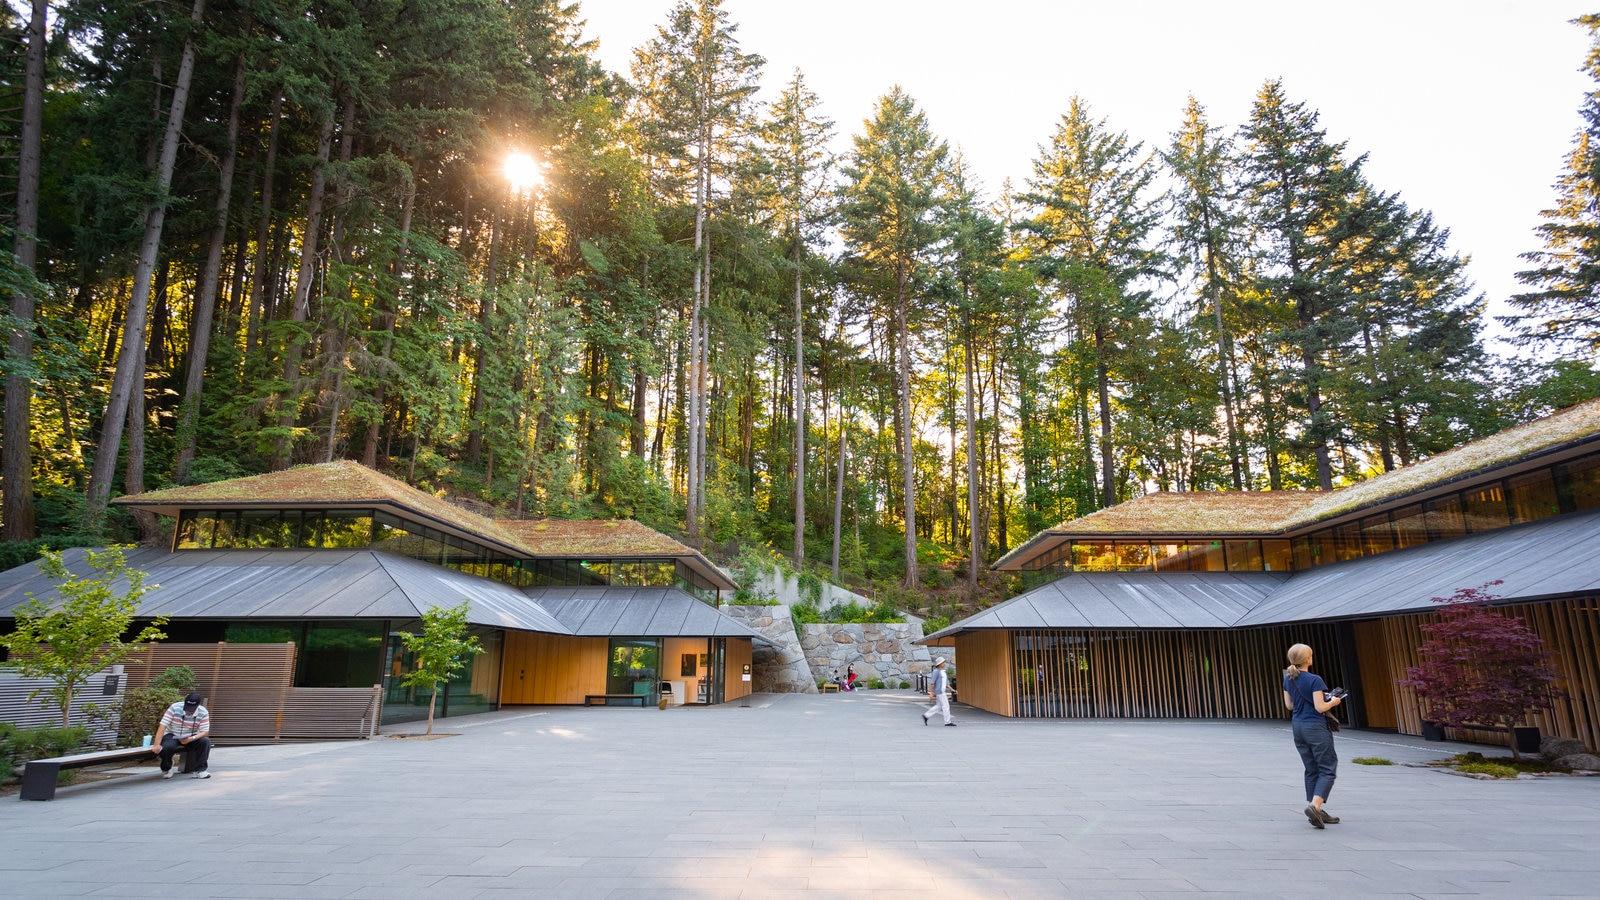 Jardín Japonés de Portland que incluye un parque y un parque o plaza